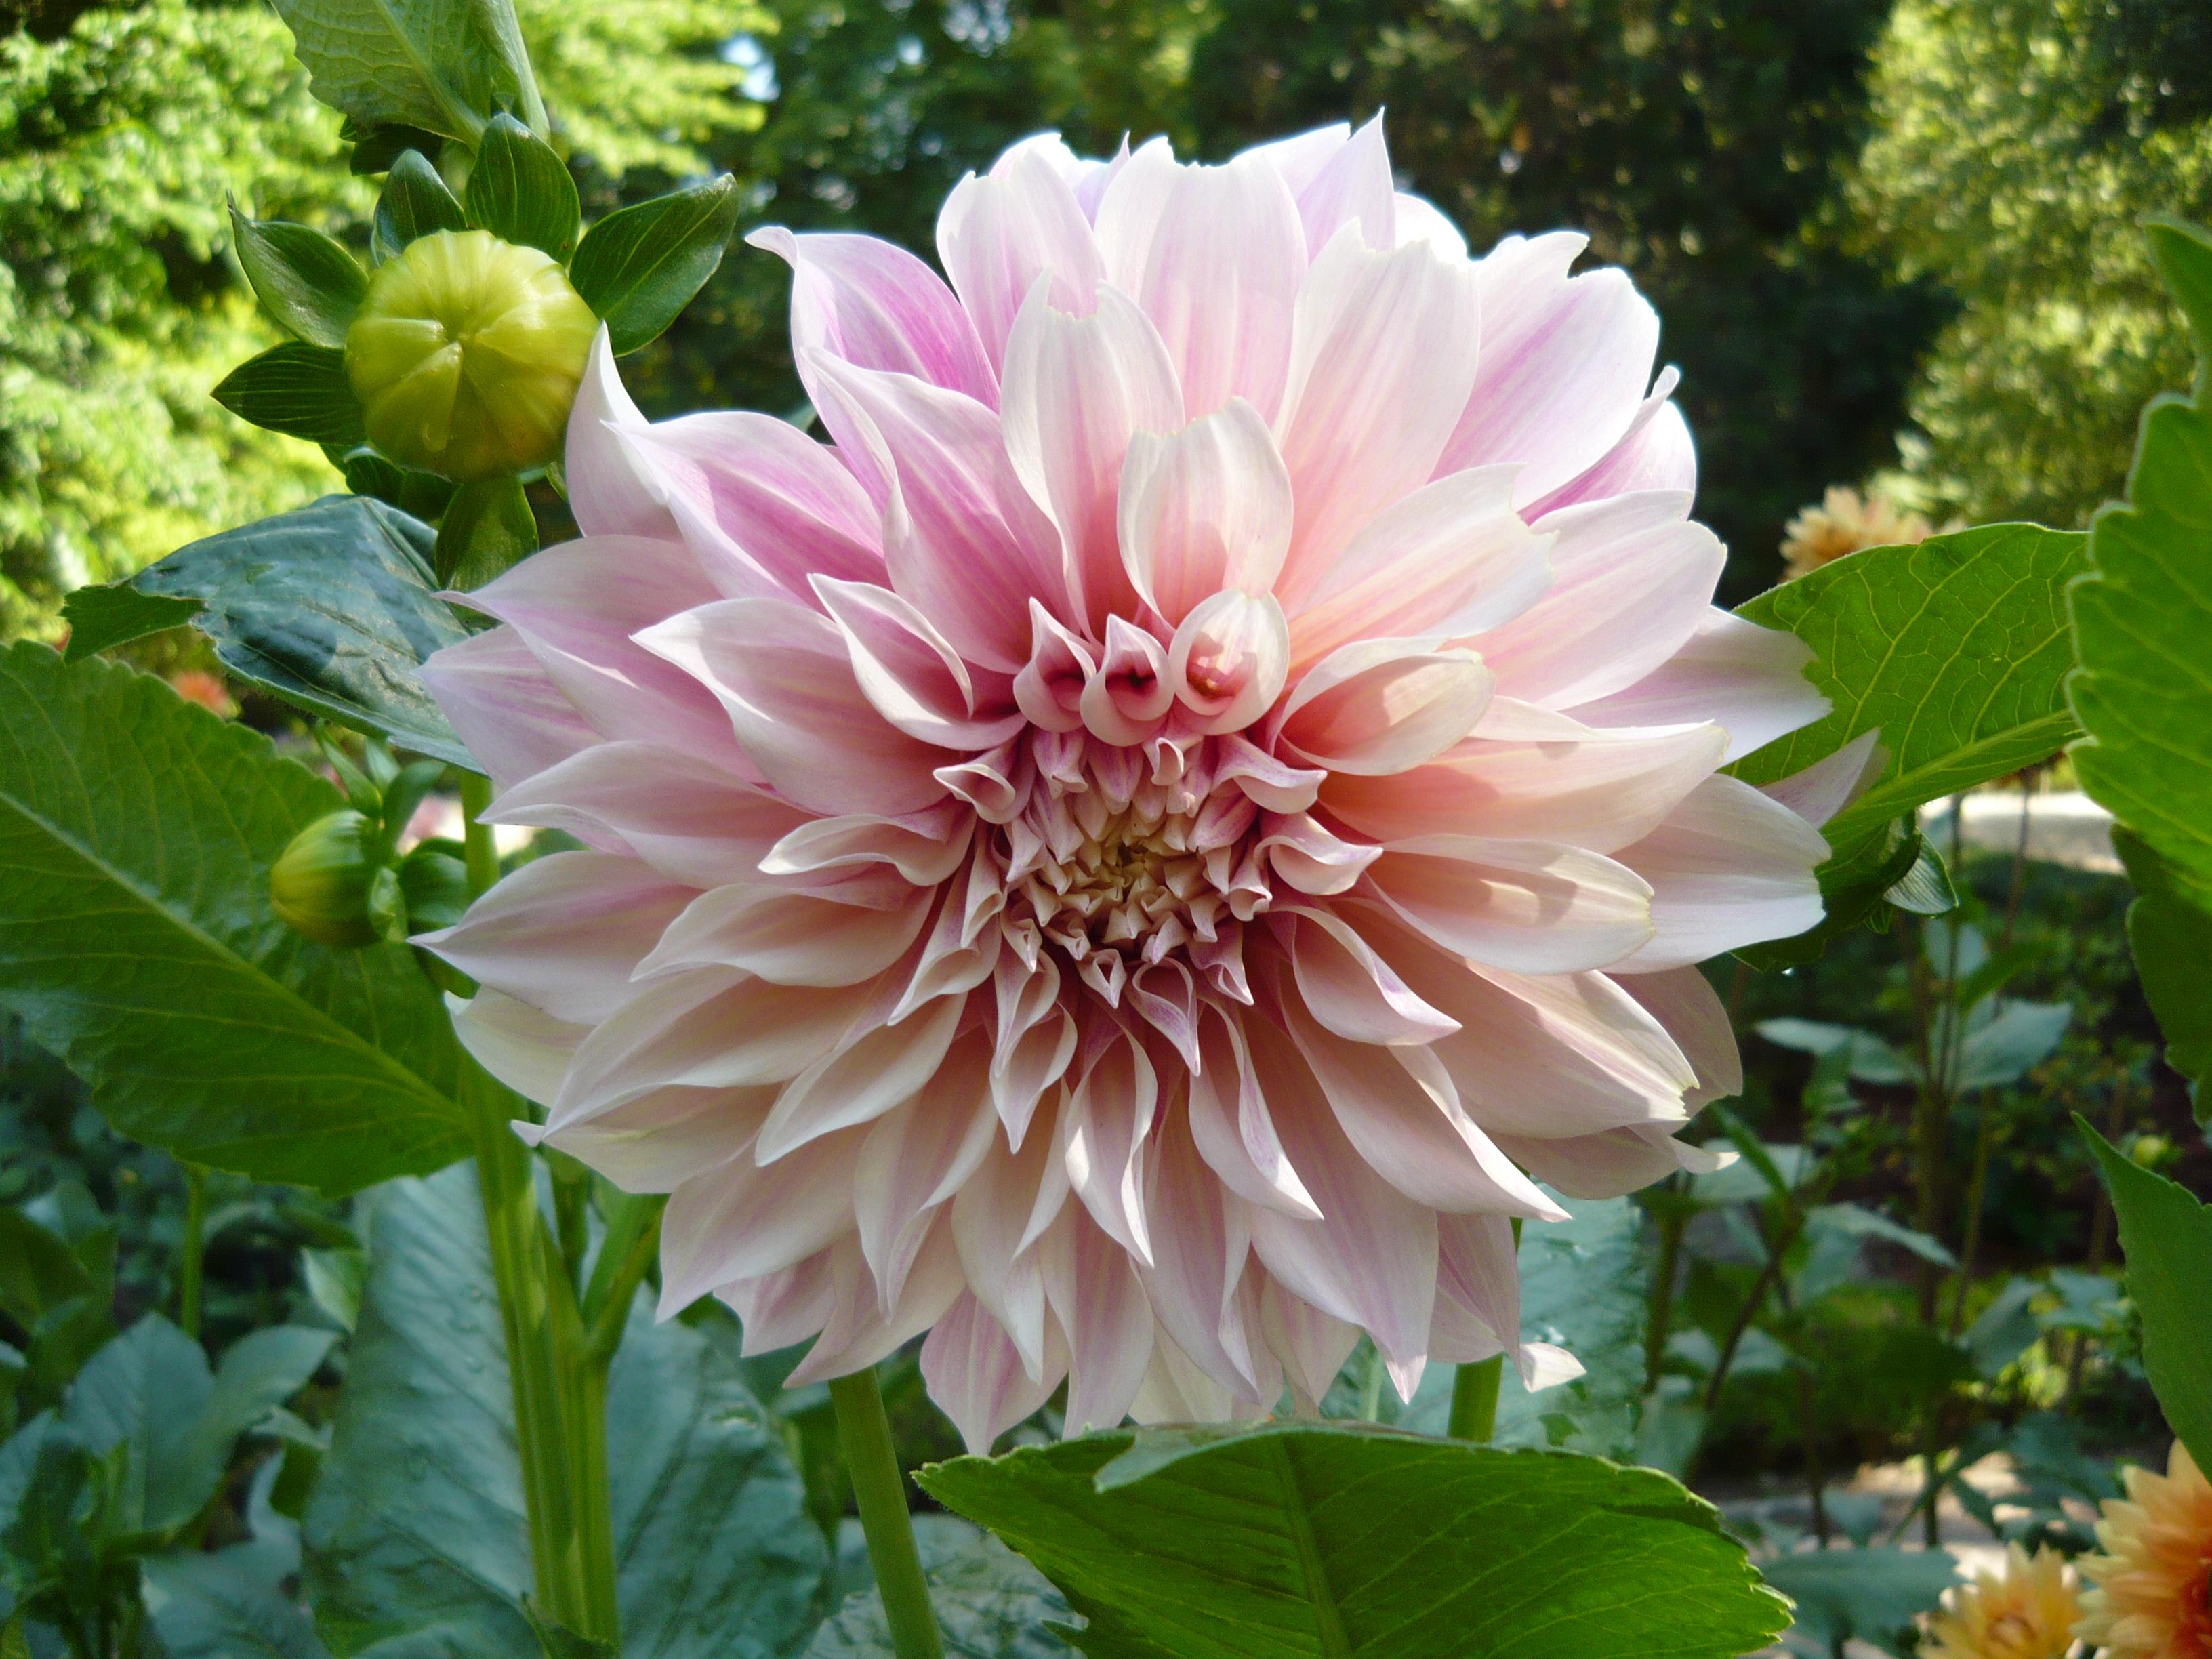 Bông hoa thược dược hồng phấn cực đẹp